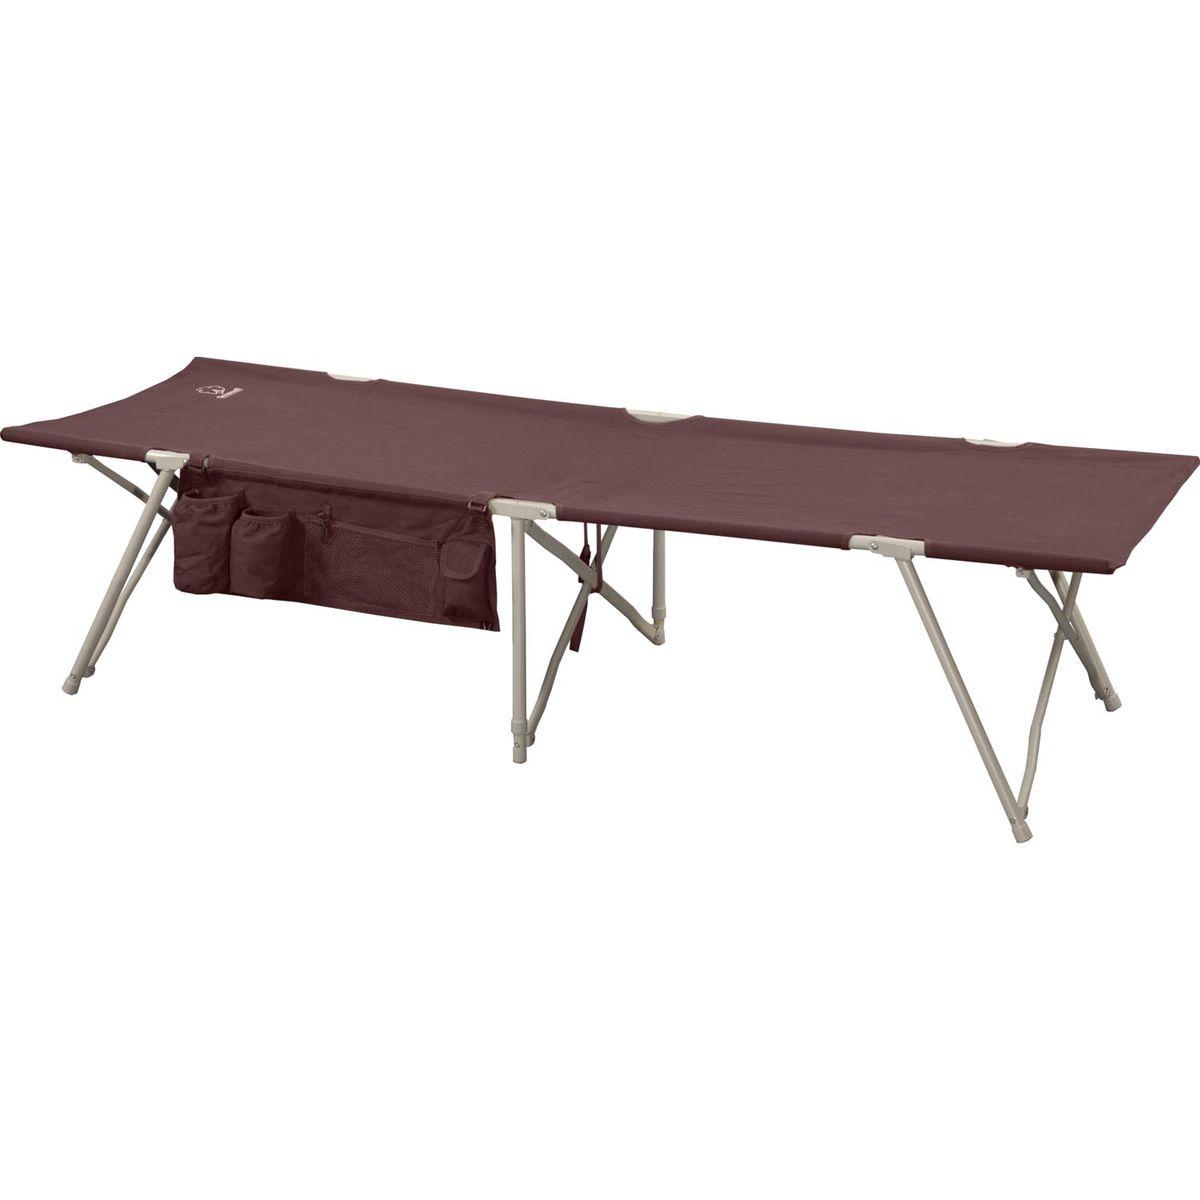 Кровать складная Greenell BD-3, цвет: коричневый, 190 см х 64 см х 43 см71161-232-00Удобная и компактная кровать для кемпинга Greenell BD-3 отличается совершенным механизмом, простотой сборки-разборки и малыми габаритами в сложенном виде. Кровать выполнена из прочного полиэстера. Каркас - сталь диаметром 16 мм.В комплект входит чехол для хранения и переноски.